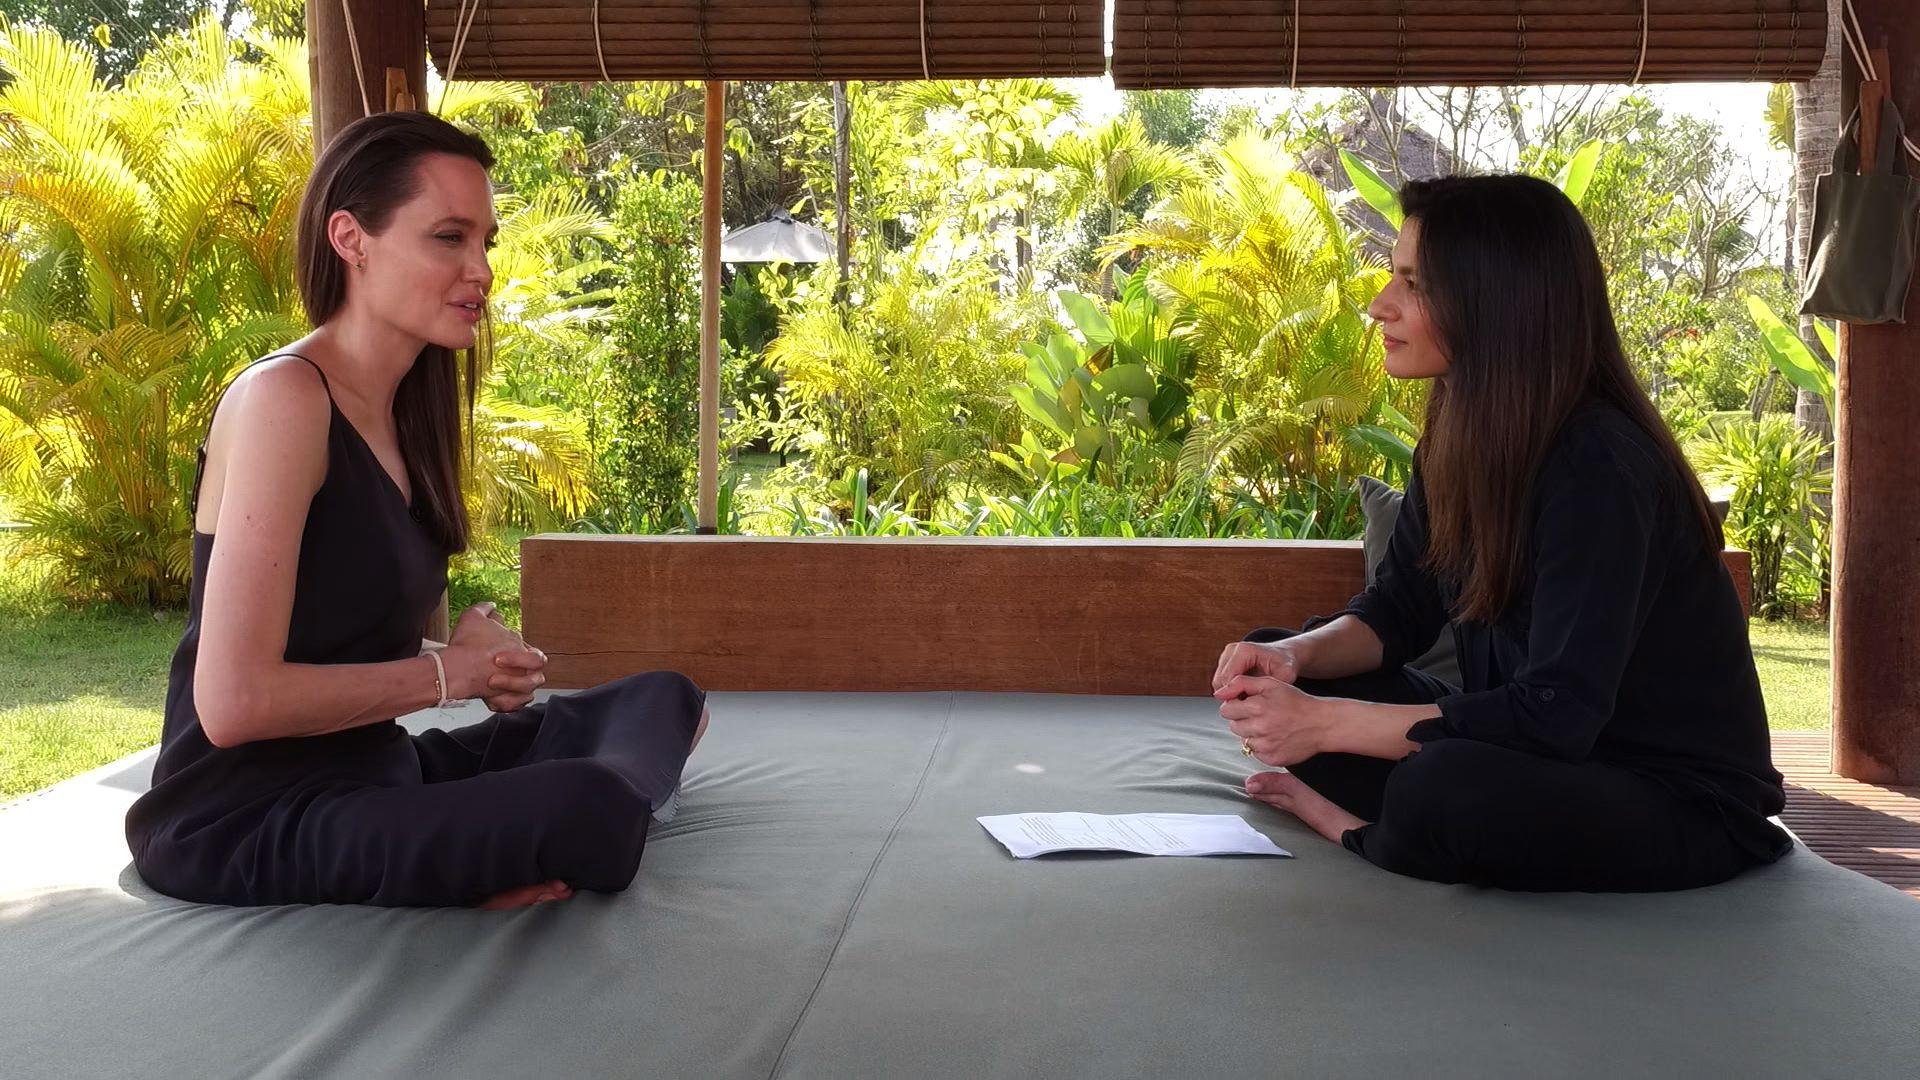 Angelina Jolie opens up about Brad Pitt divorce